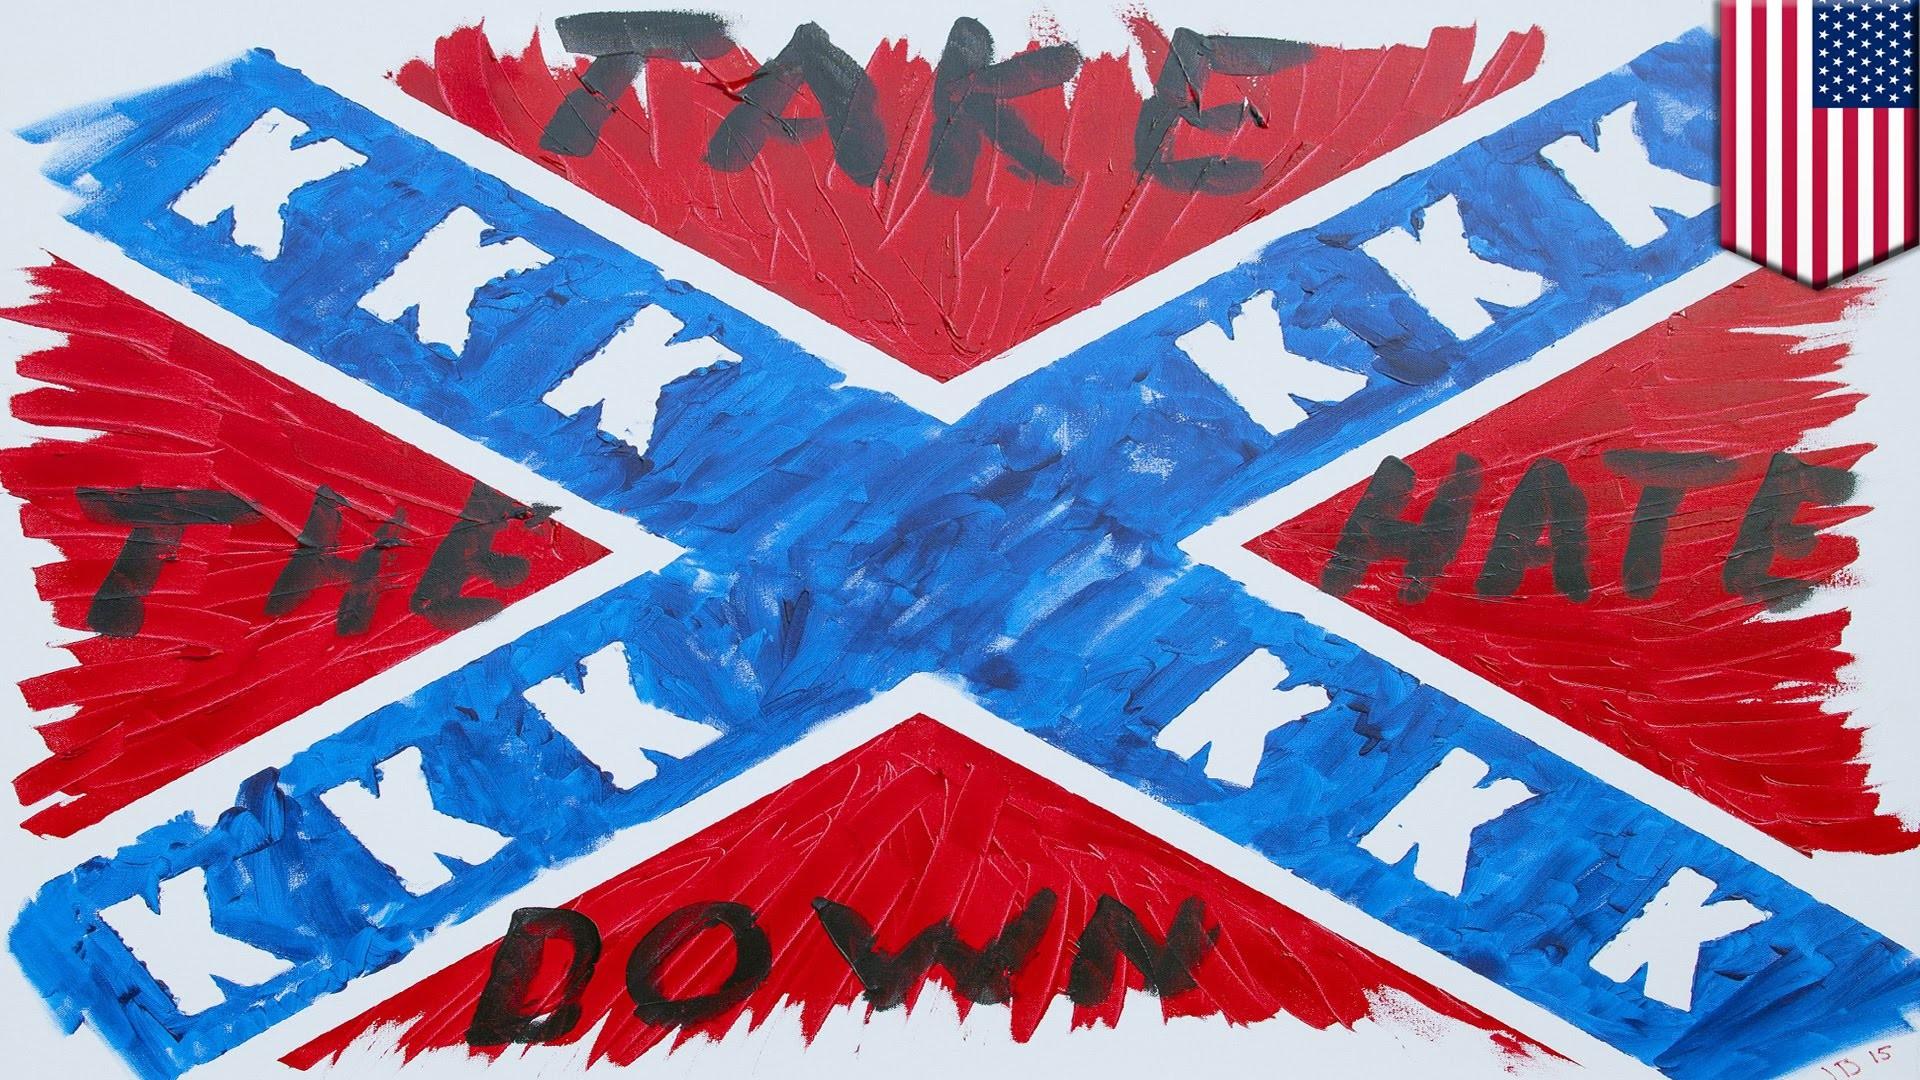 Confederate Flag Wallpaper Hd Confederate Flag Wallpaper 3d 55 Images